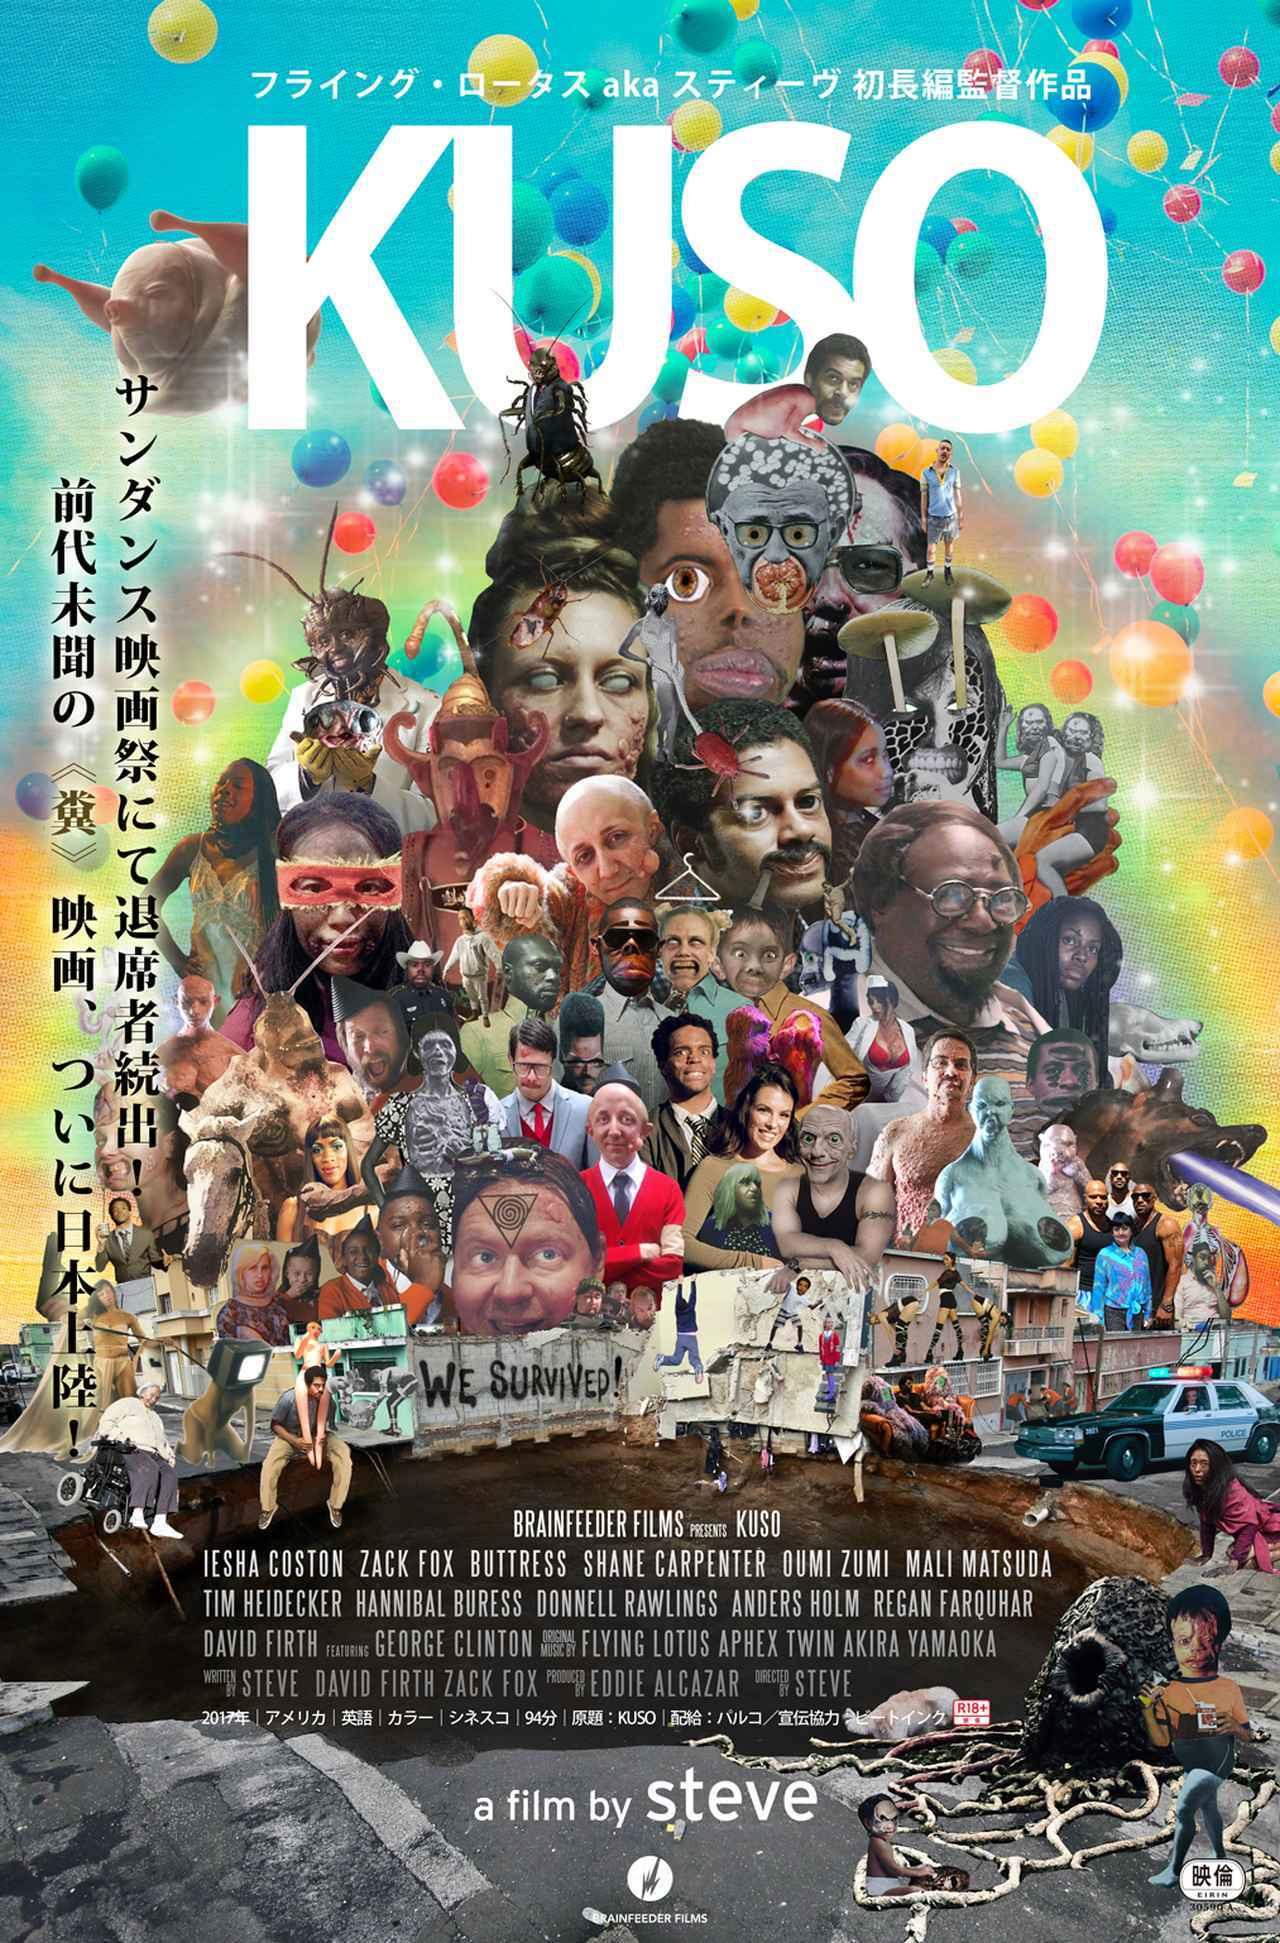 """画像1: """"史上最もグロな映画""""と称され、 サンダンス映画祭にて退席者続出の問題作『KUSO』-遂に日本公開!奇才フライング・ロータスの初長編映画を貴方は耐えられるか?"""